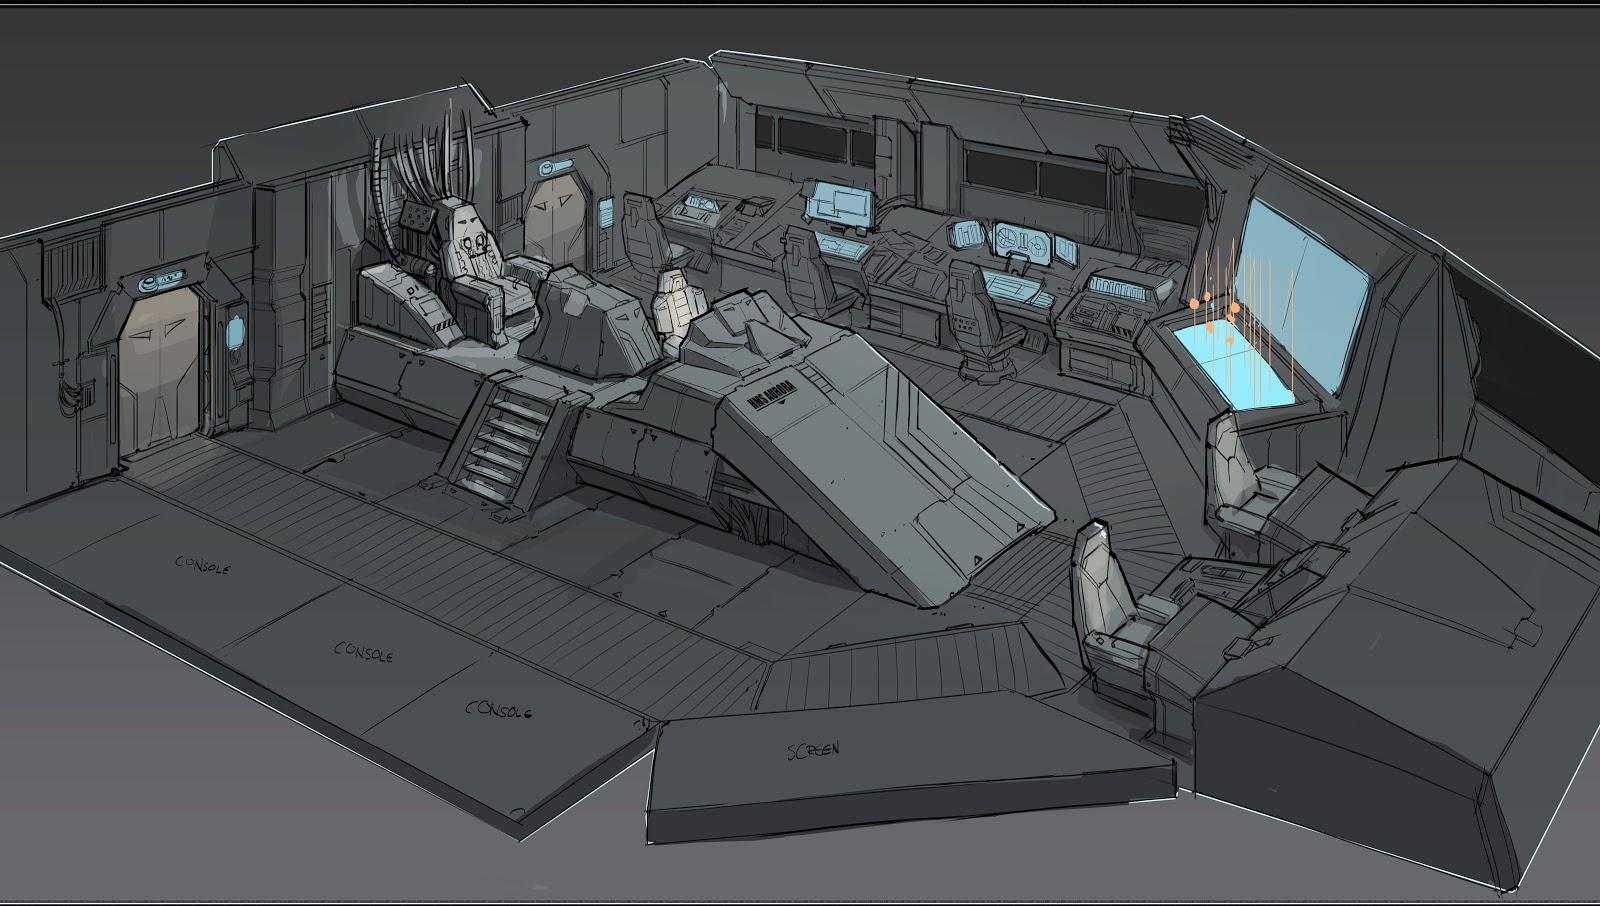 single person bridge sci fi spacecraft - photo #6